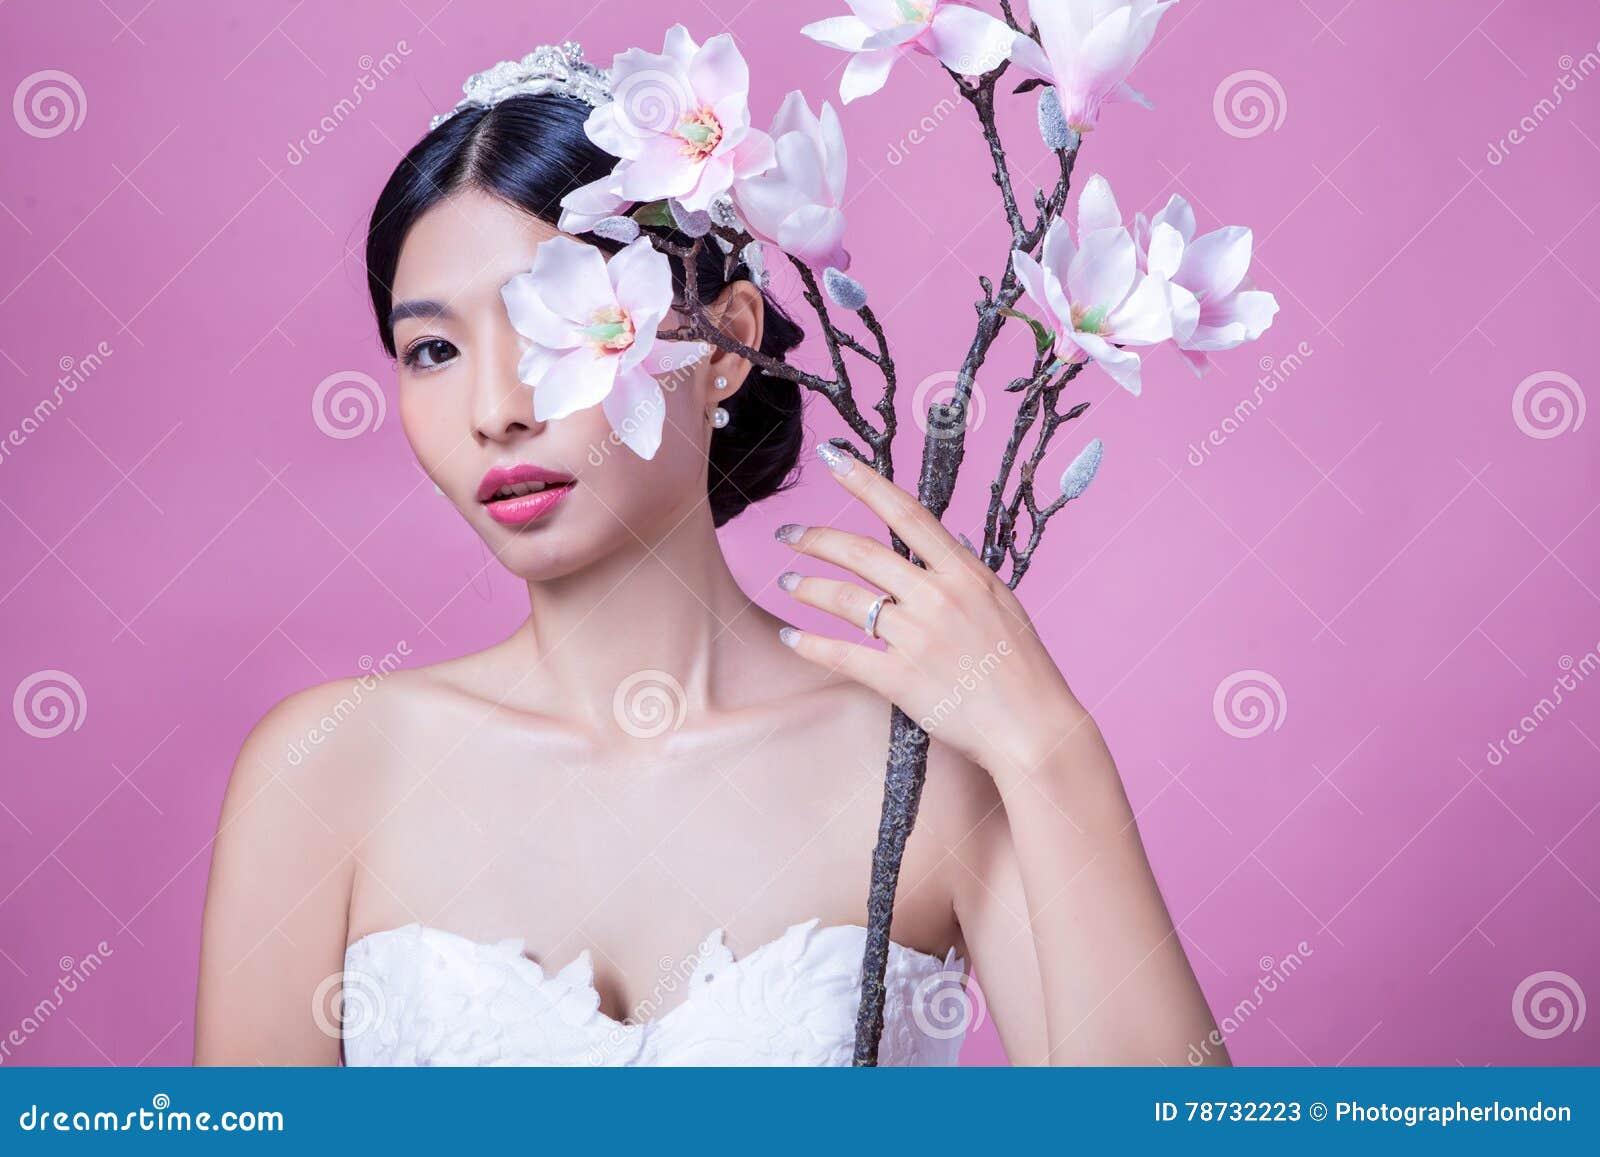 Stående av den säkra bruden som rymmer konstgjorda blommor mot rosa bakgrund